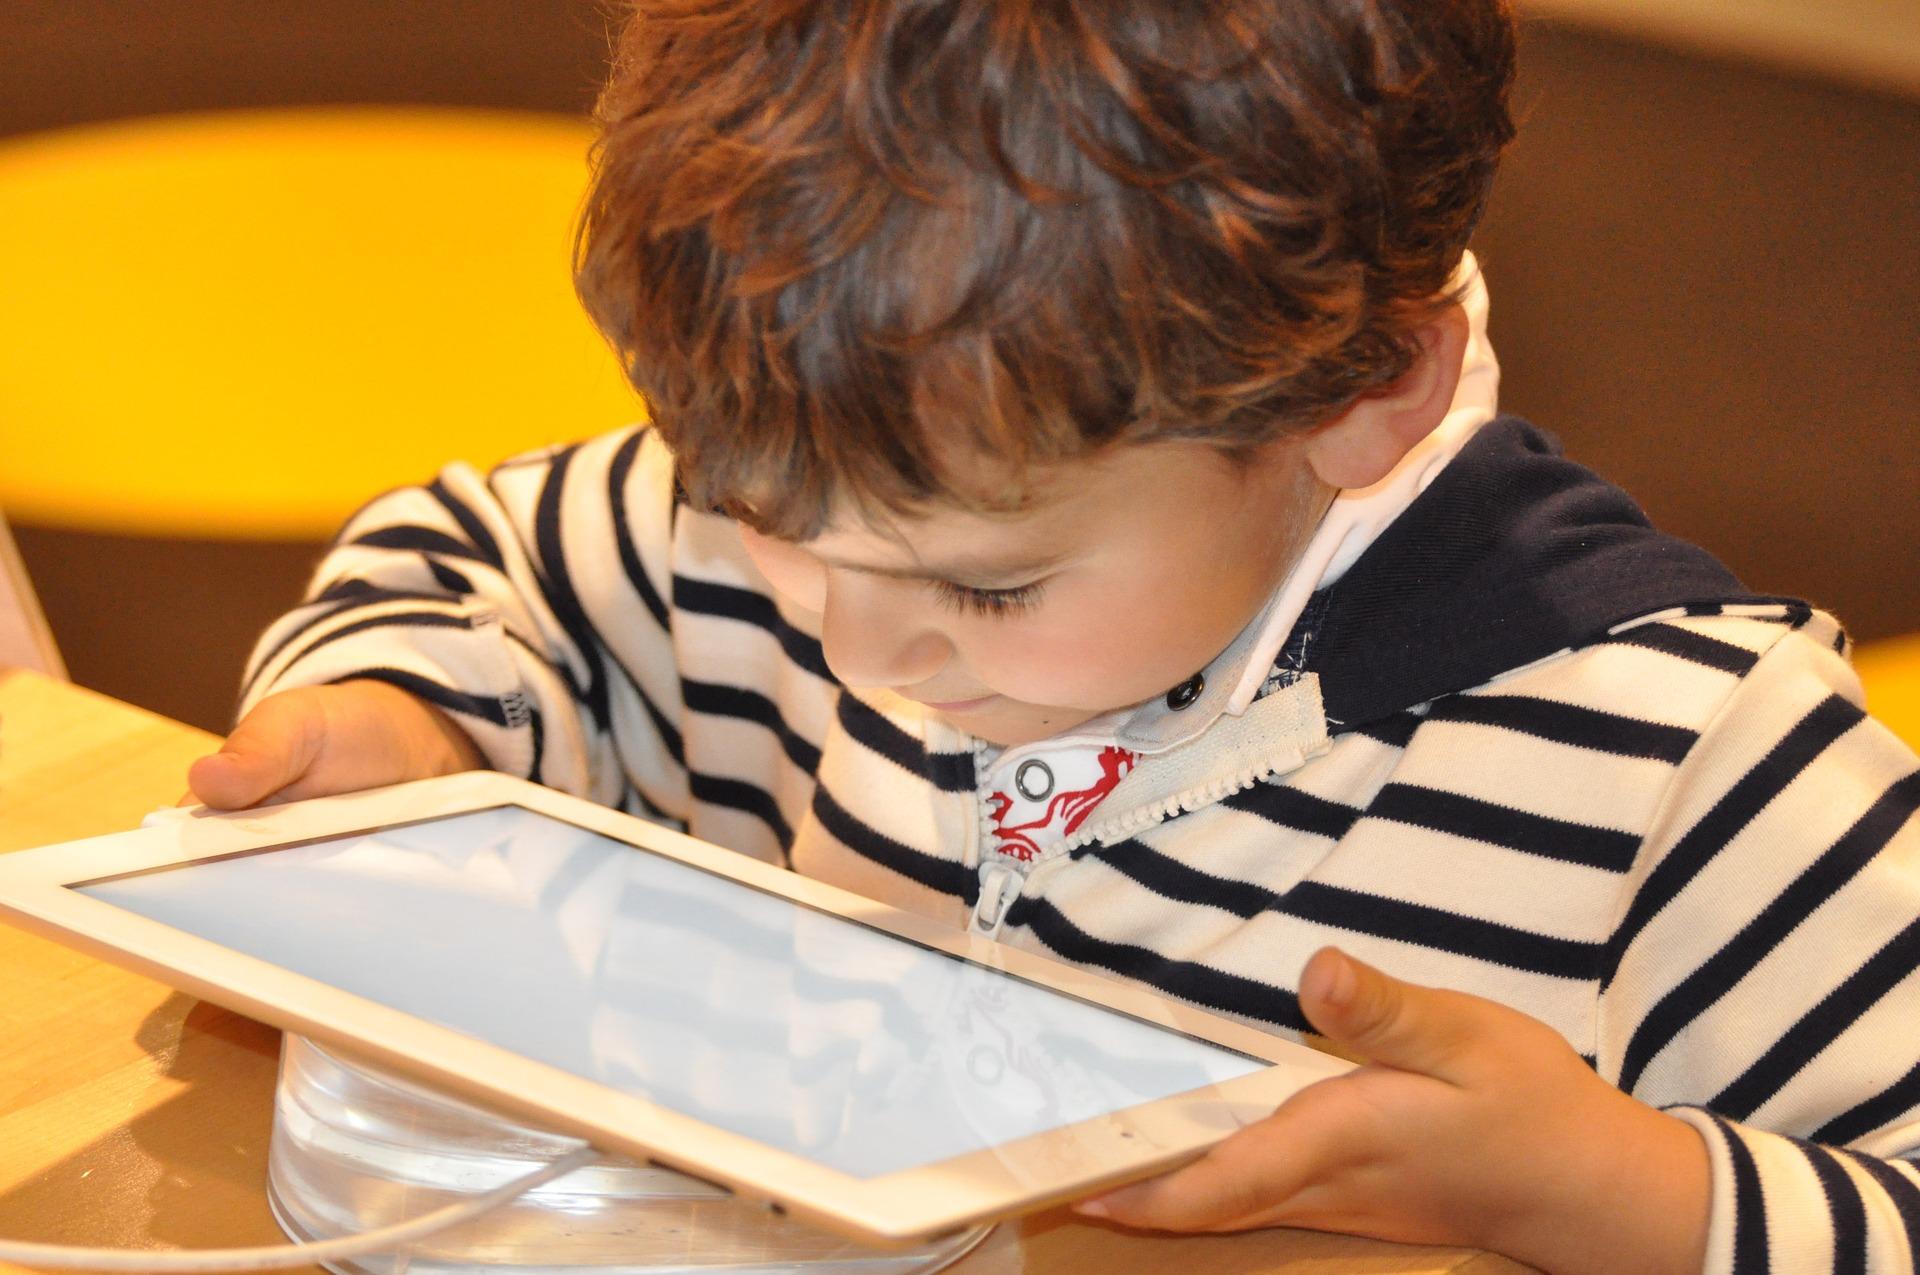 Výchova dítěte je v moderní době často provázena moderními technologiemi. Je to správné?